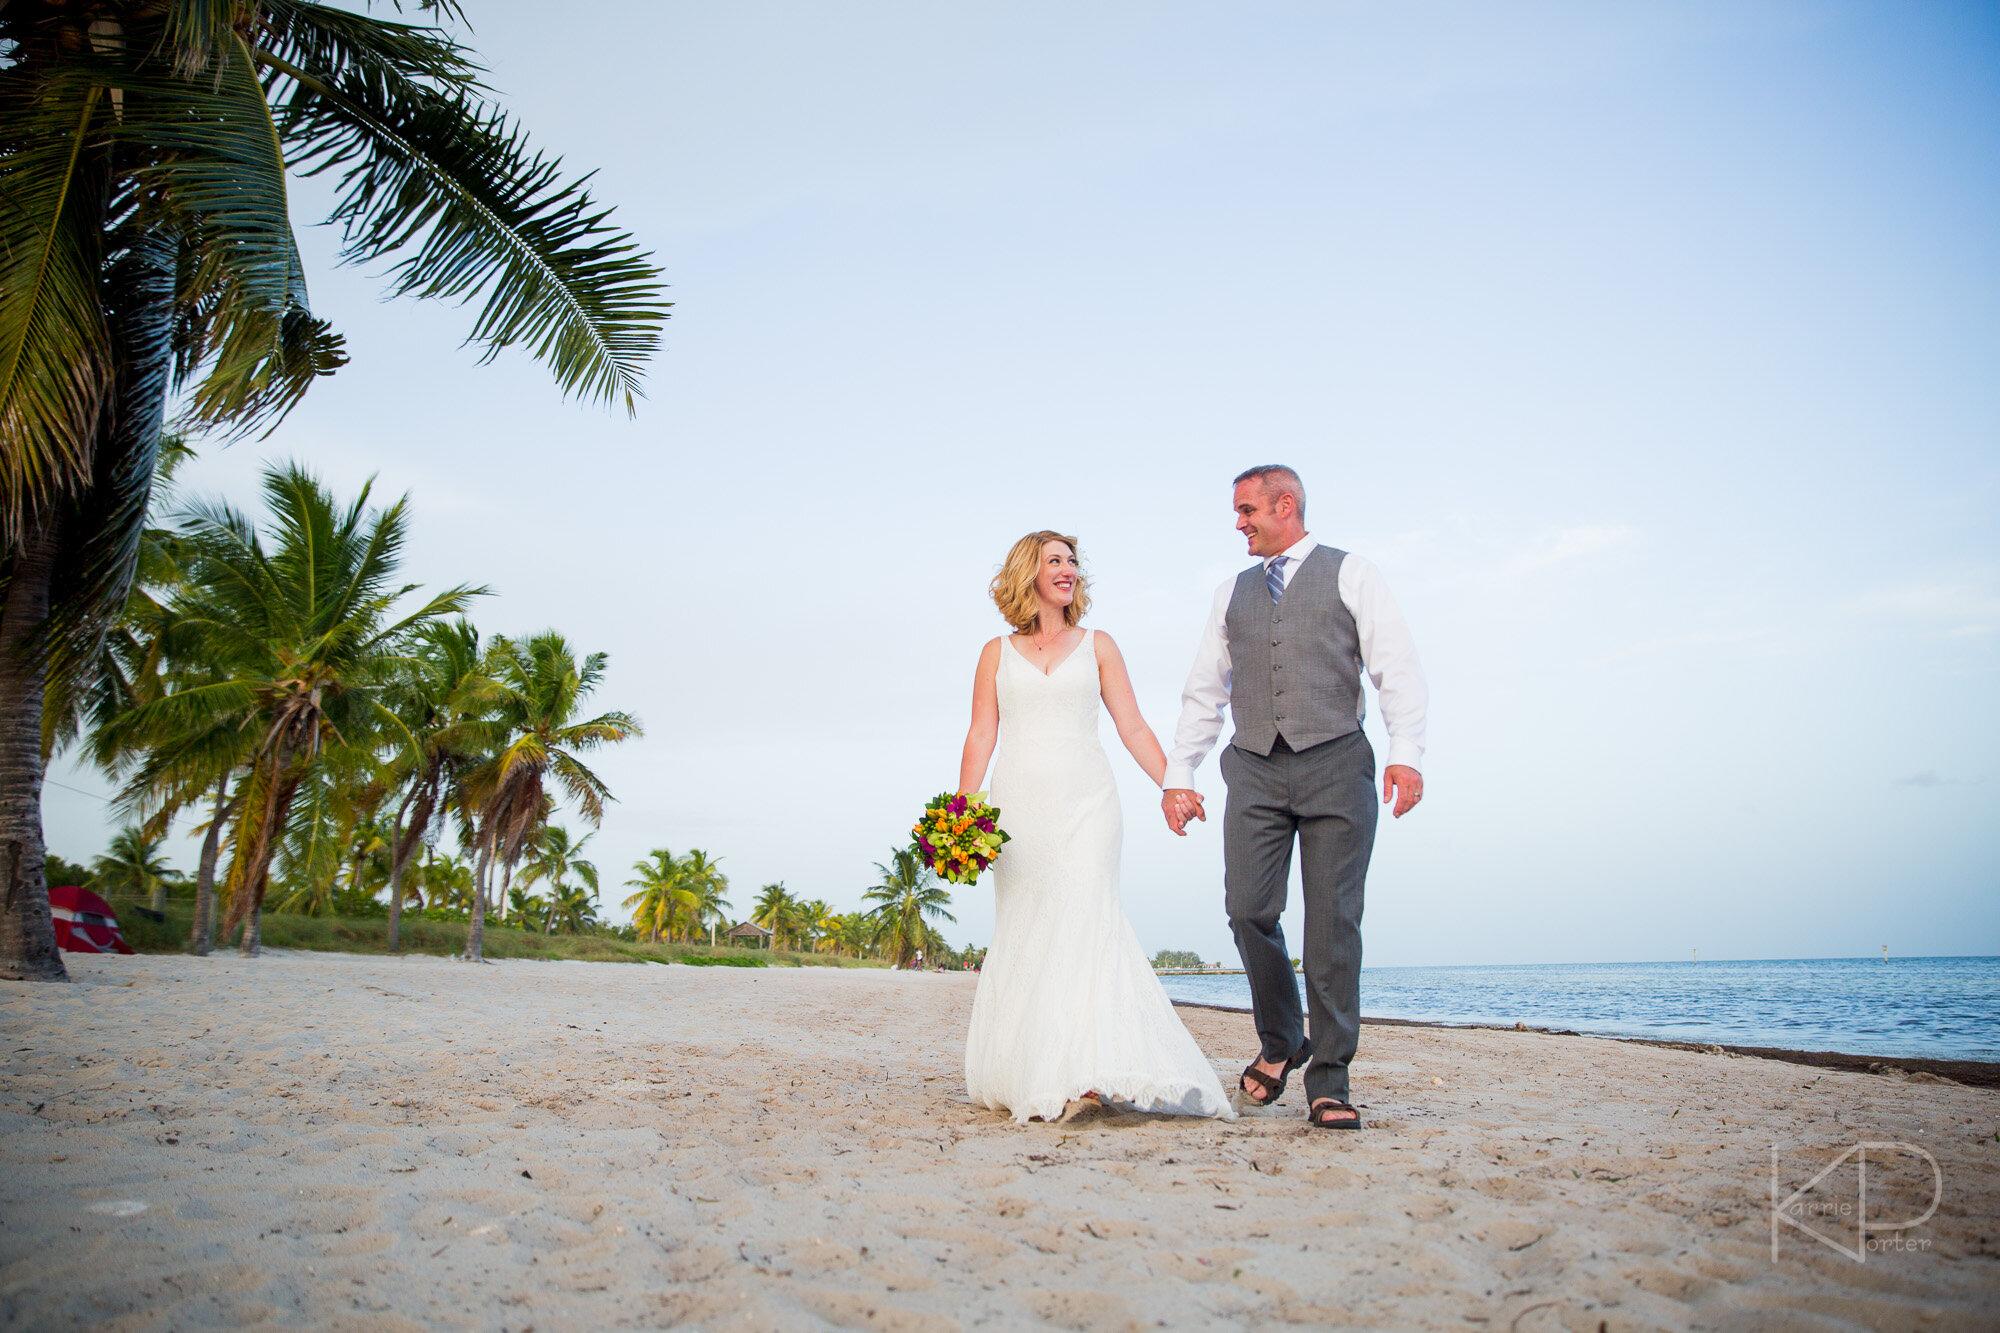 Smathers Beach Wedding Ceremony in Key West